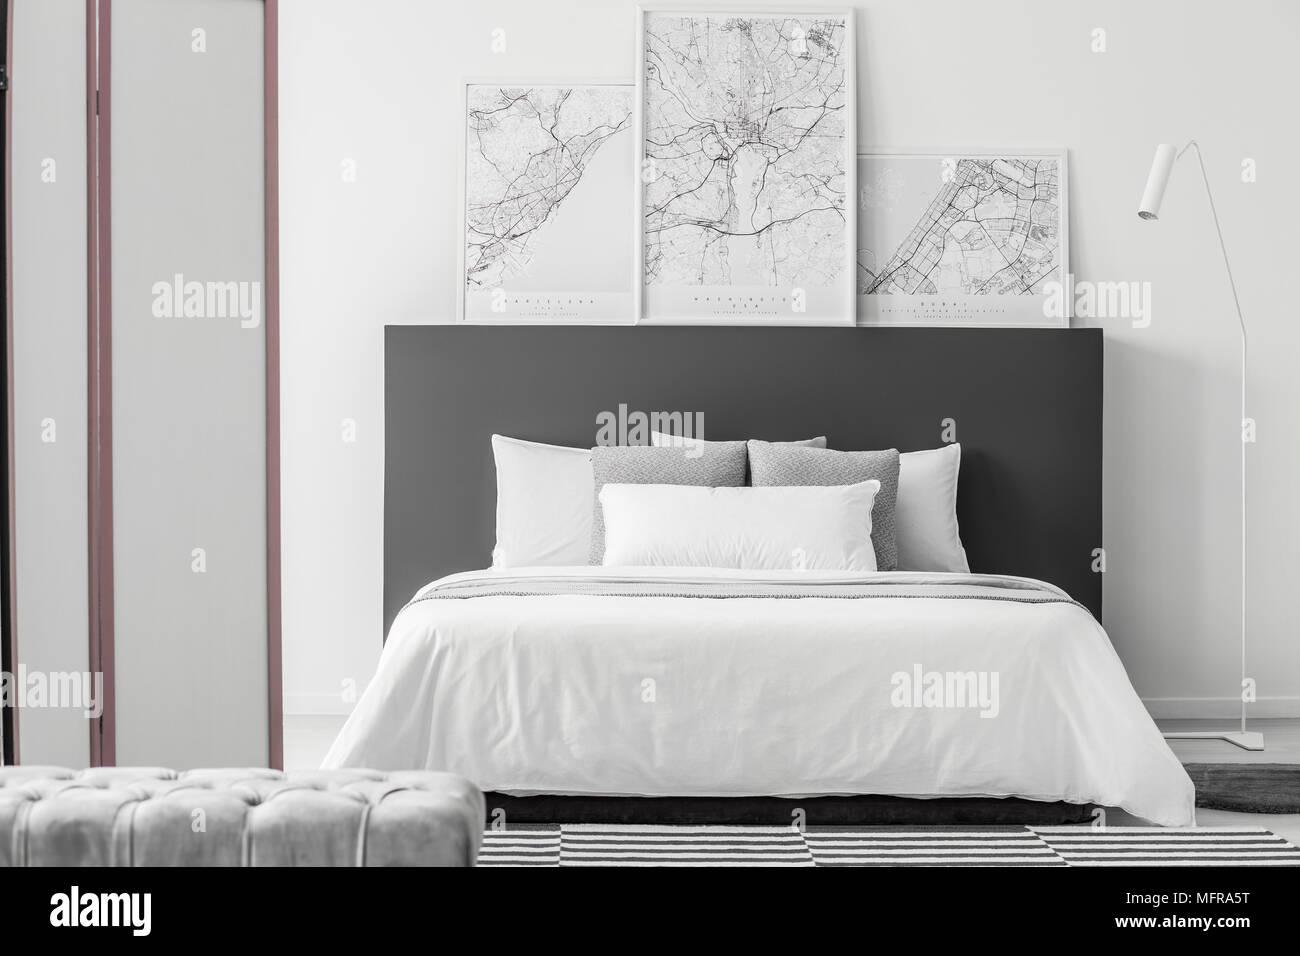 Grigio pouf in elegante camera da letto interno con mappe su nero ...